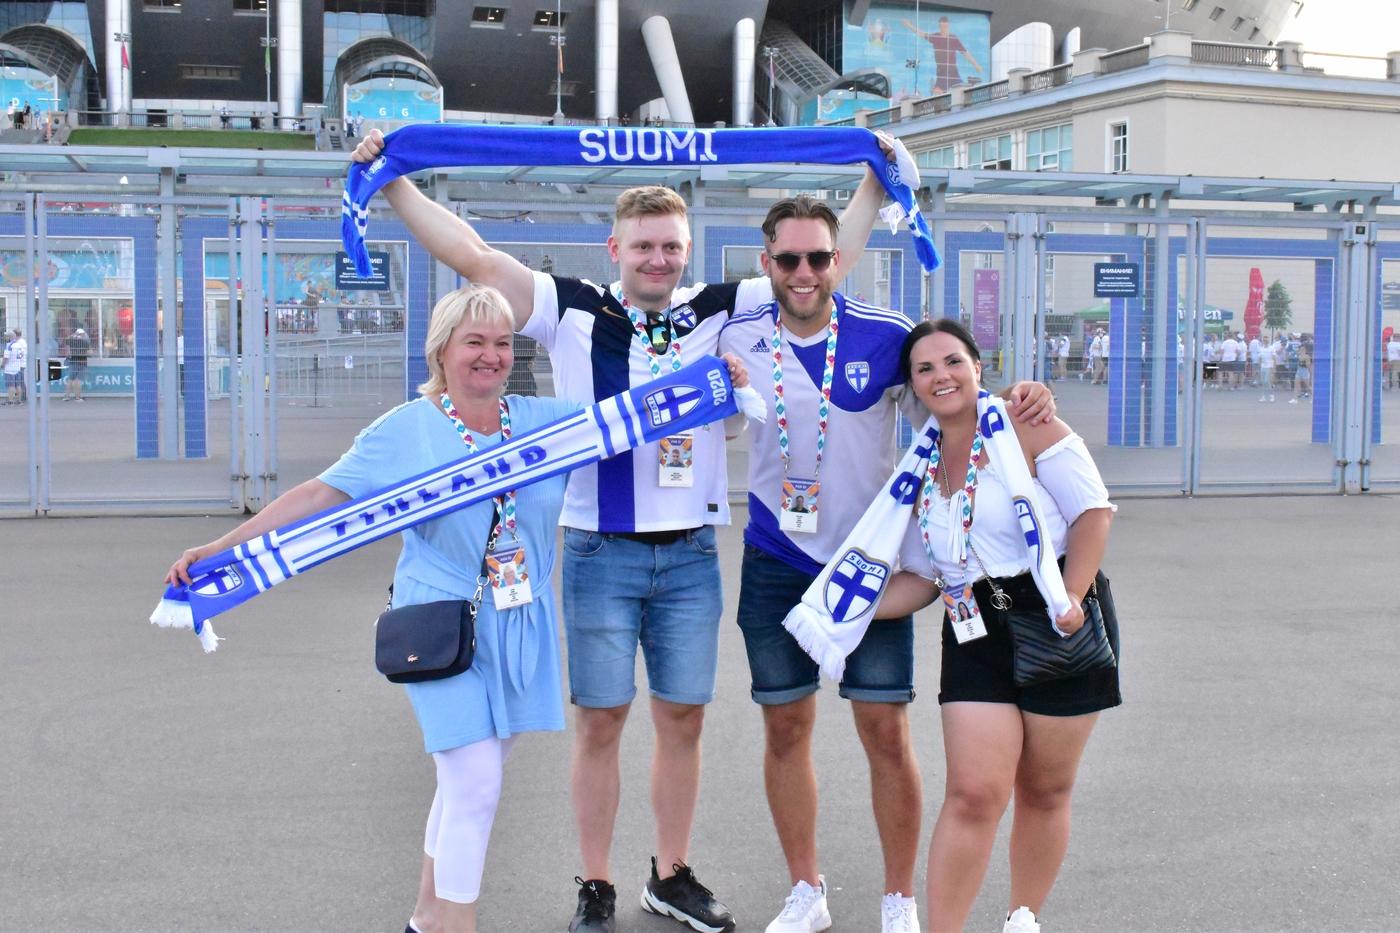 Евро 2020 euro 2020 футбол италия испания англия бельгия швейцария чемпионат европы македония украина австрия